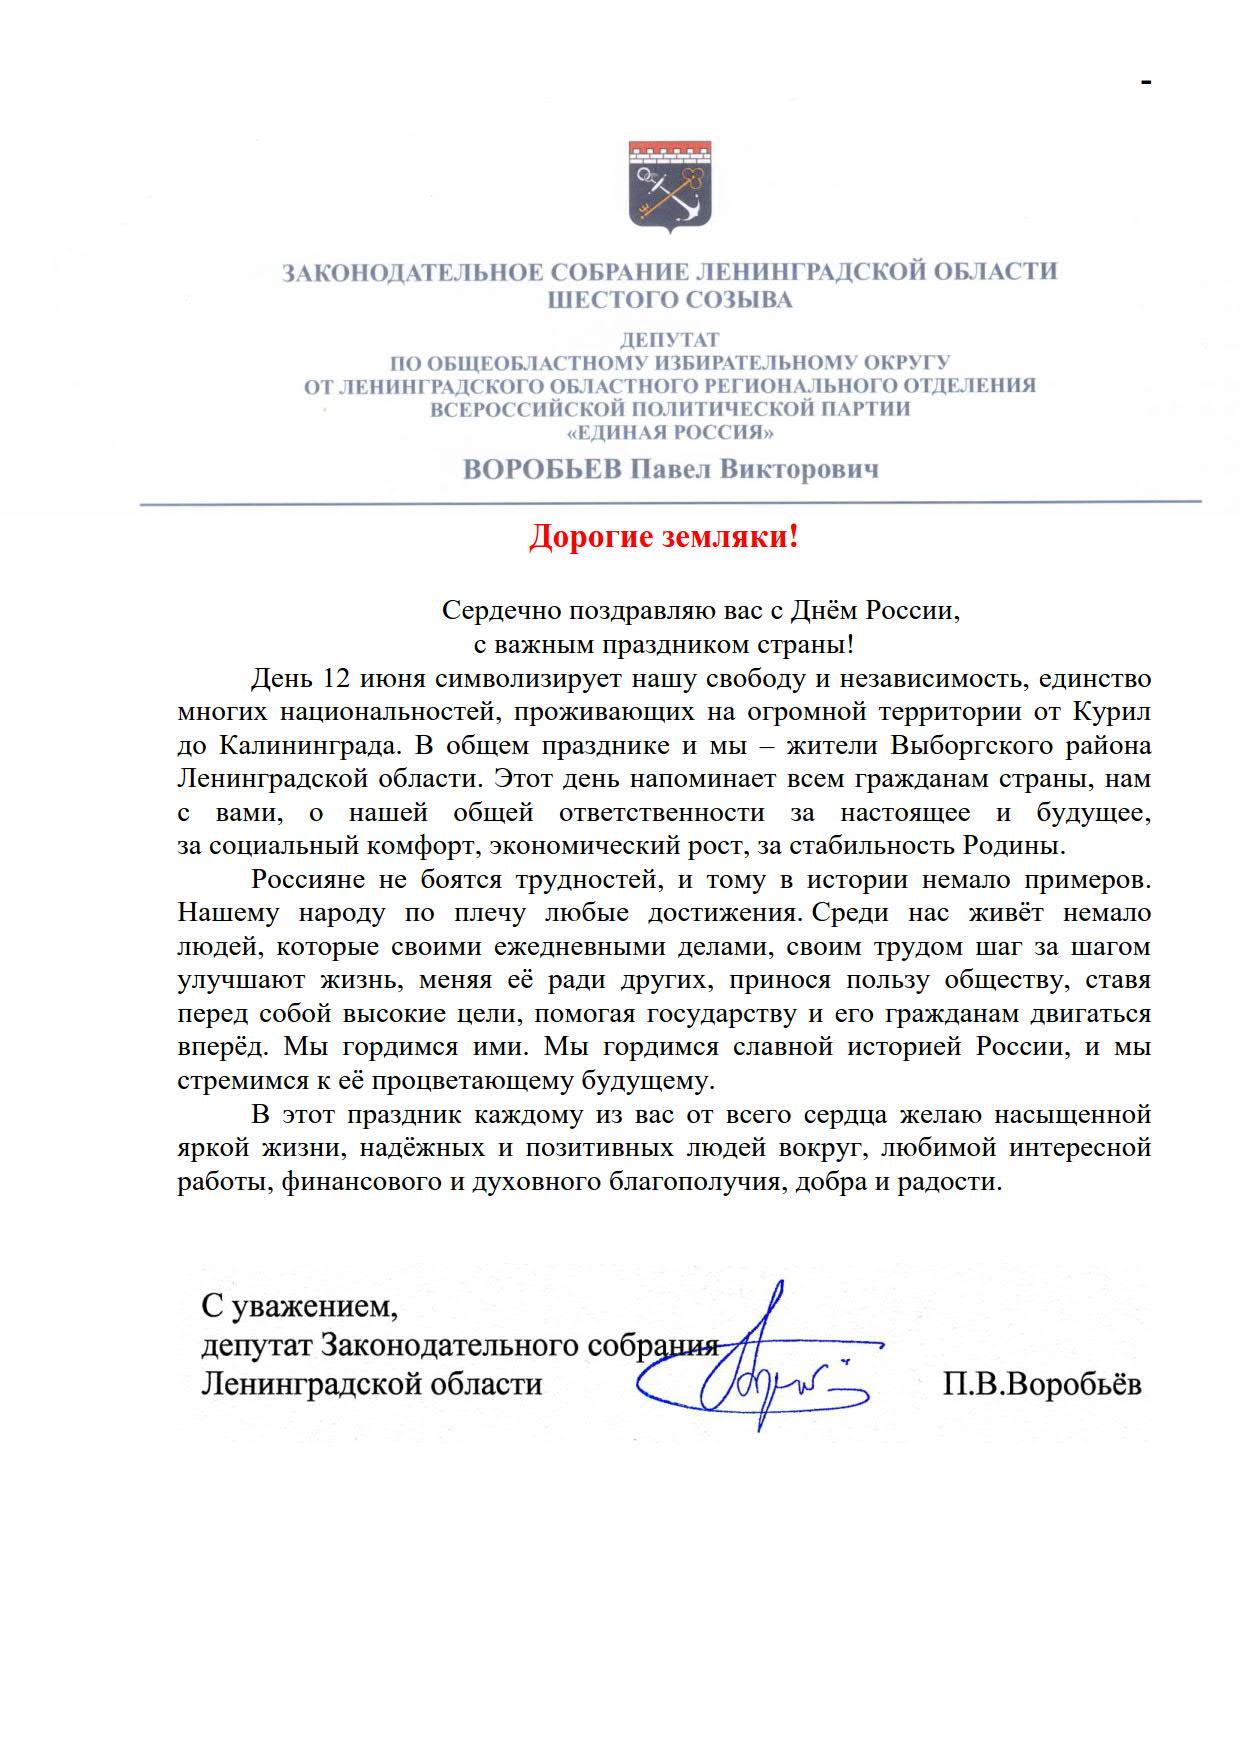 2019.06.12 С Днём России!_1